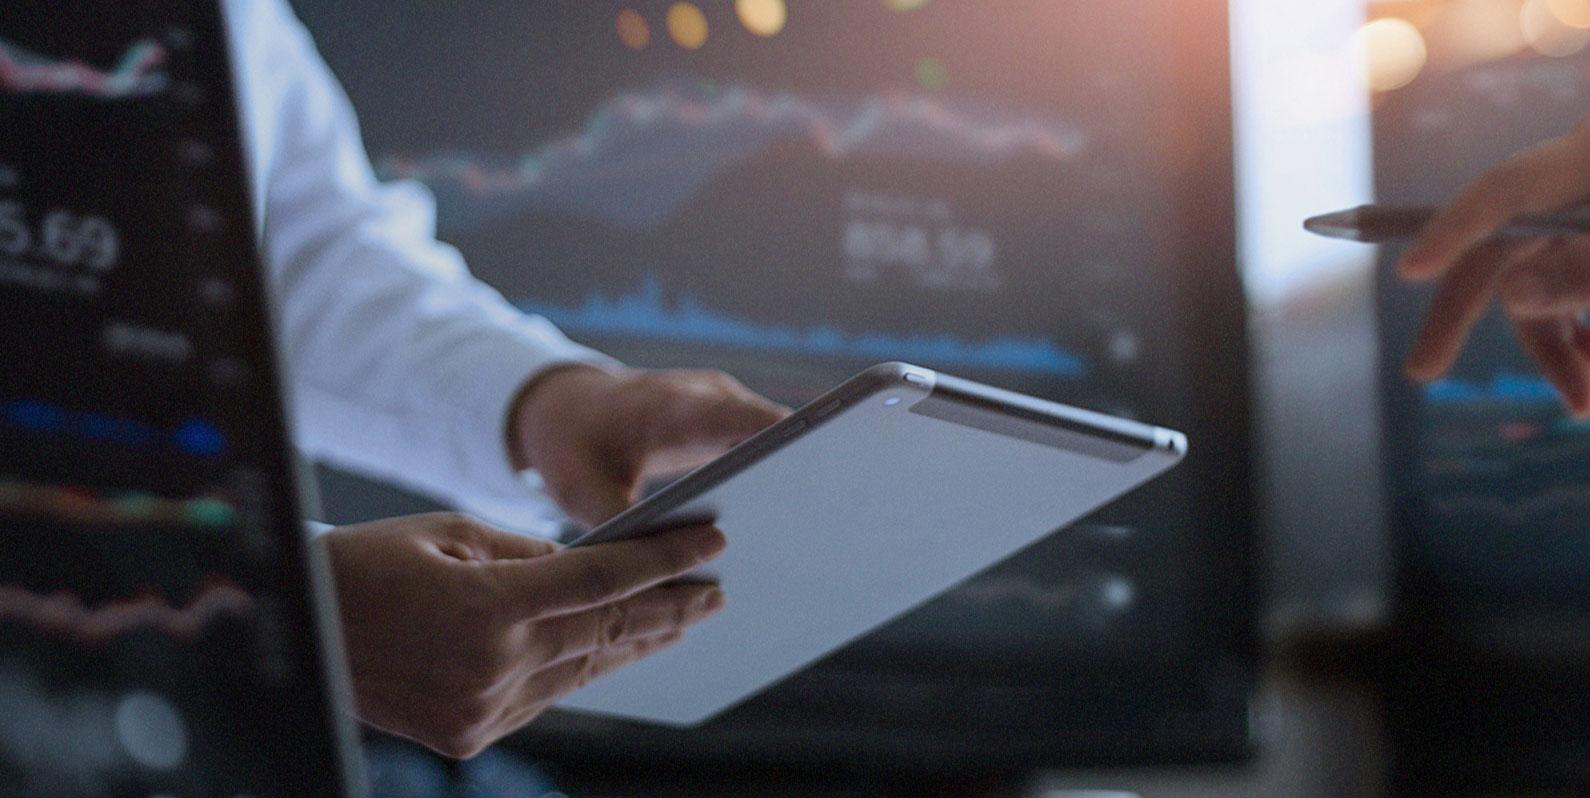 Tecnologia, dados e IA estão mudando as grandes empresas de bens de consumo